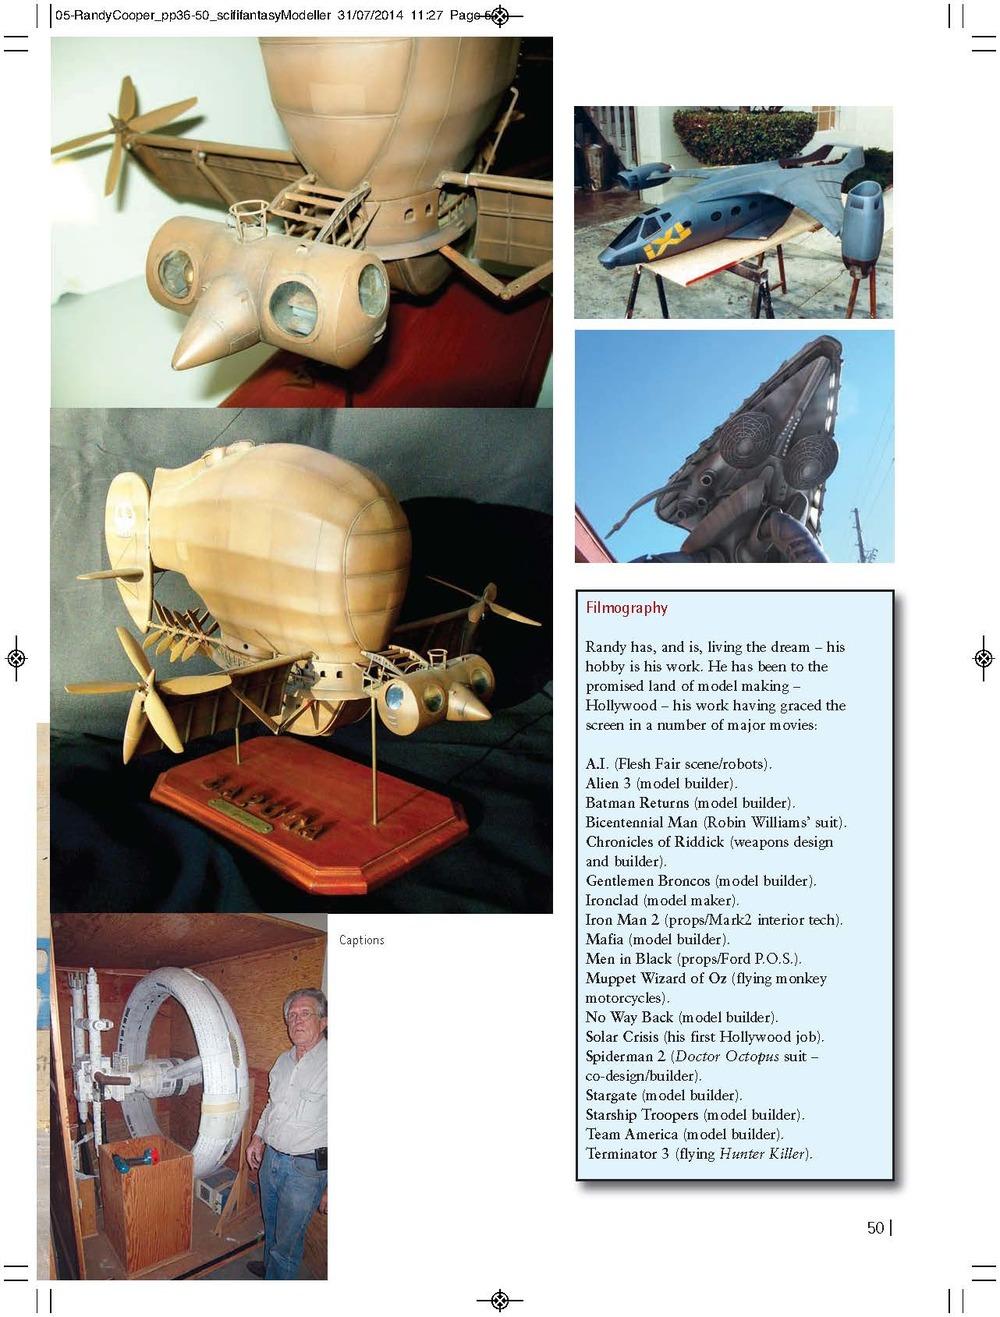 scififantasyModeller 1_Page_15.jpg